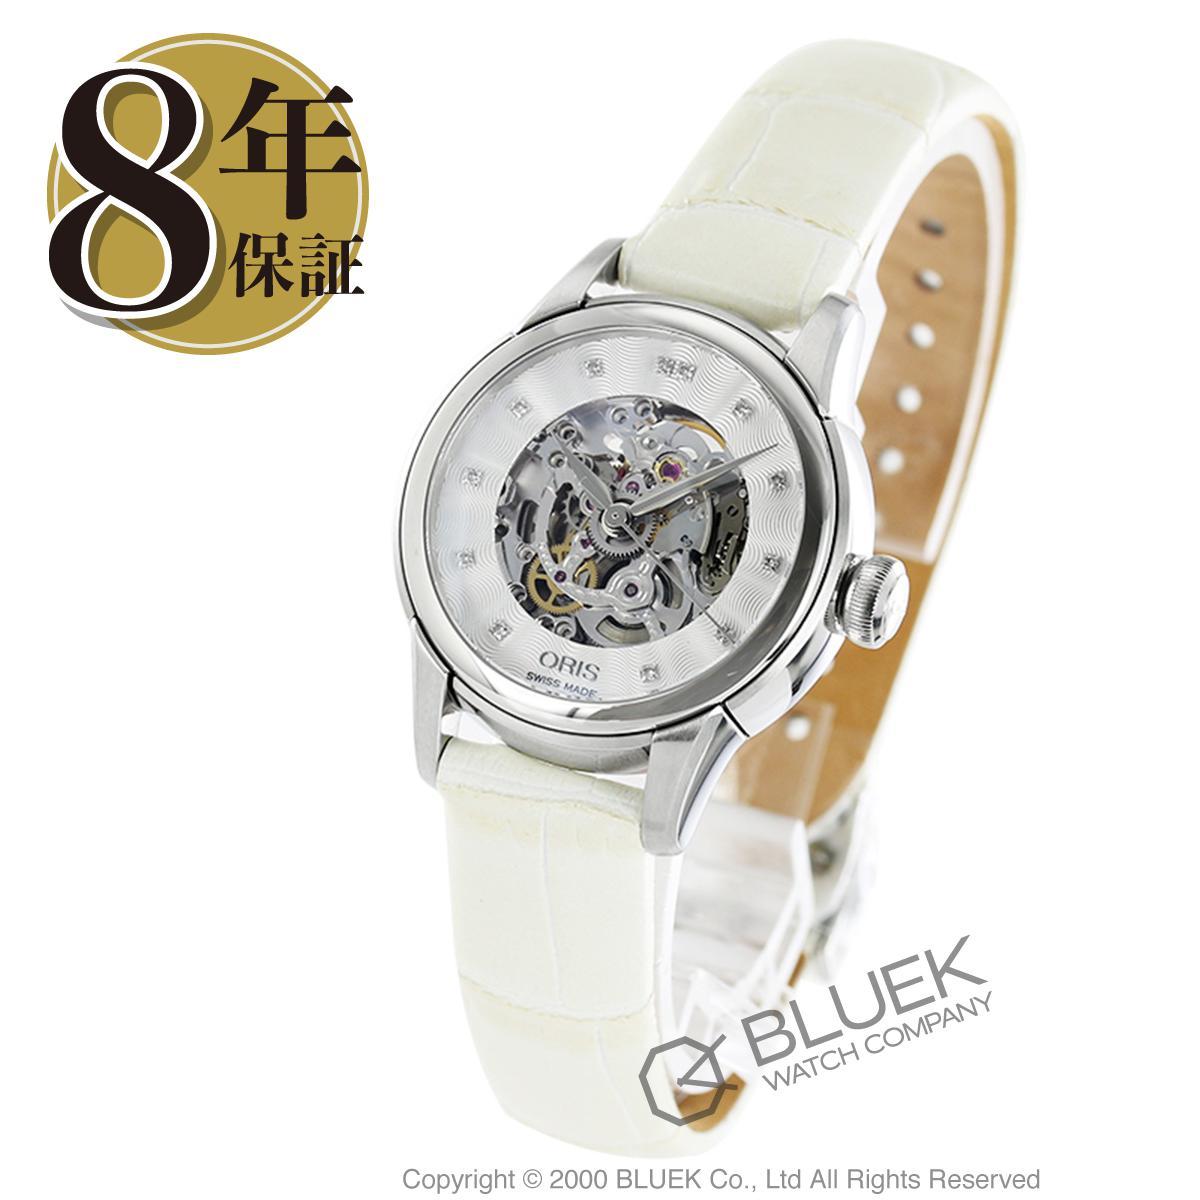 オリス アートリエ スケルトン ダイヤ 腕時計 レディース ORIS 560 7687 4019D_8